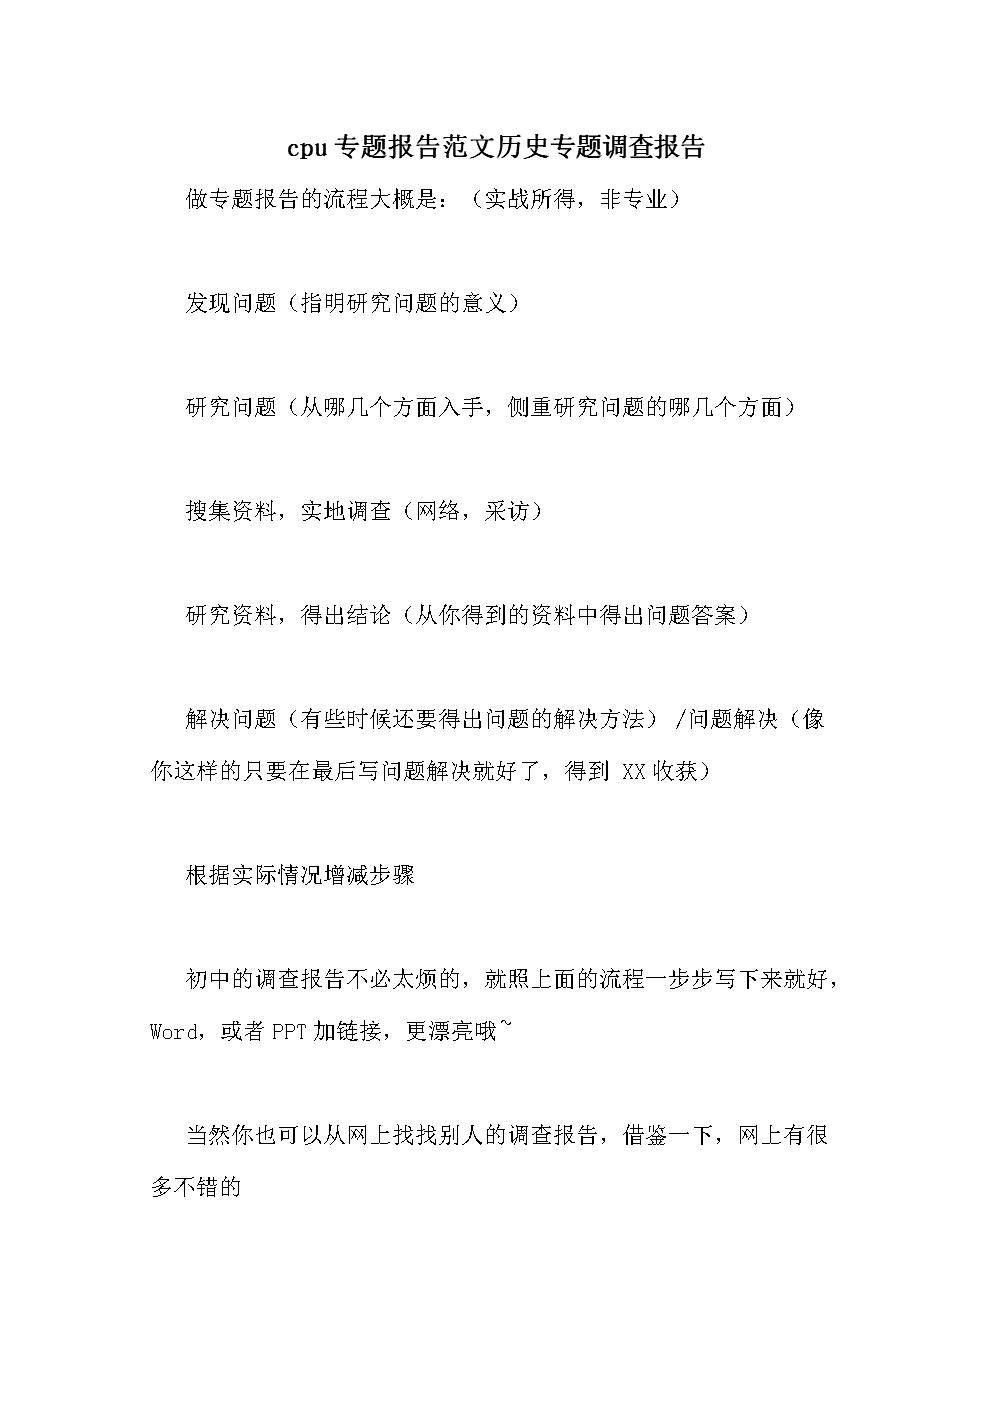 cpu专题报告范文历史专题调查报告.doc